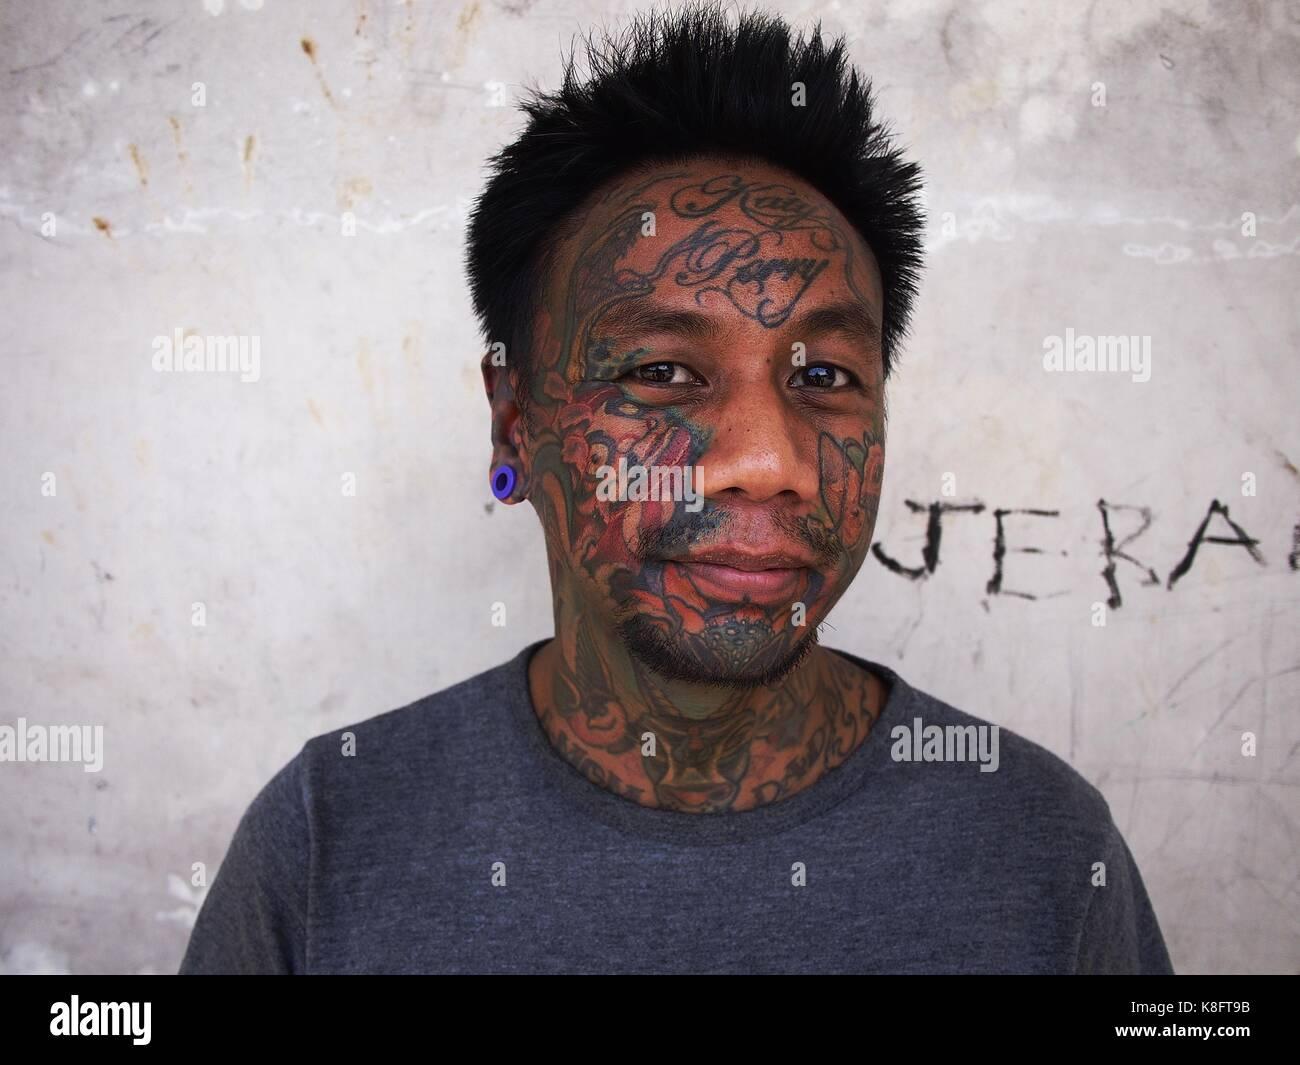 , Cainta rizal, philippines - le 18 septembre 2017: un homme avec le body art, montre son tatouage facial Photo Stock